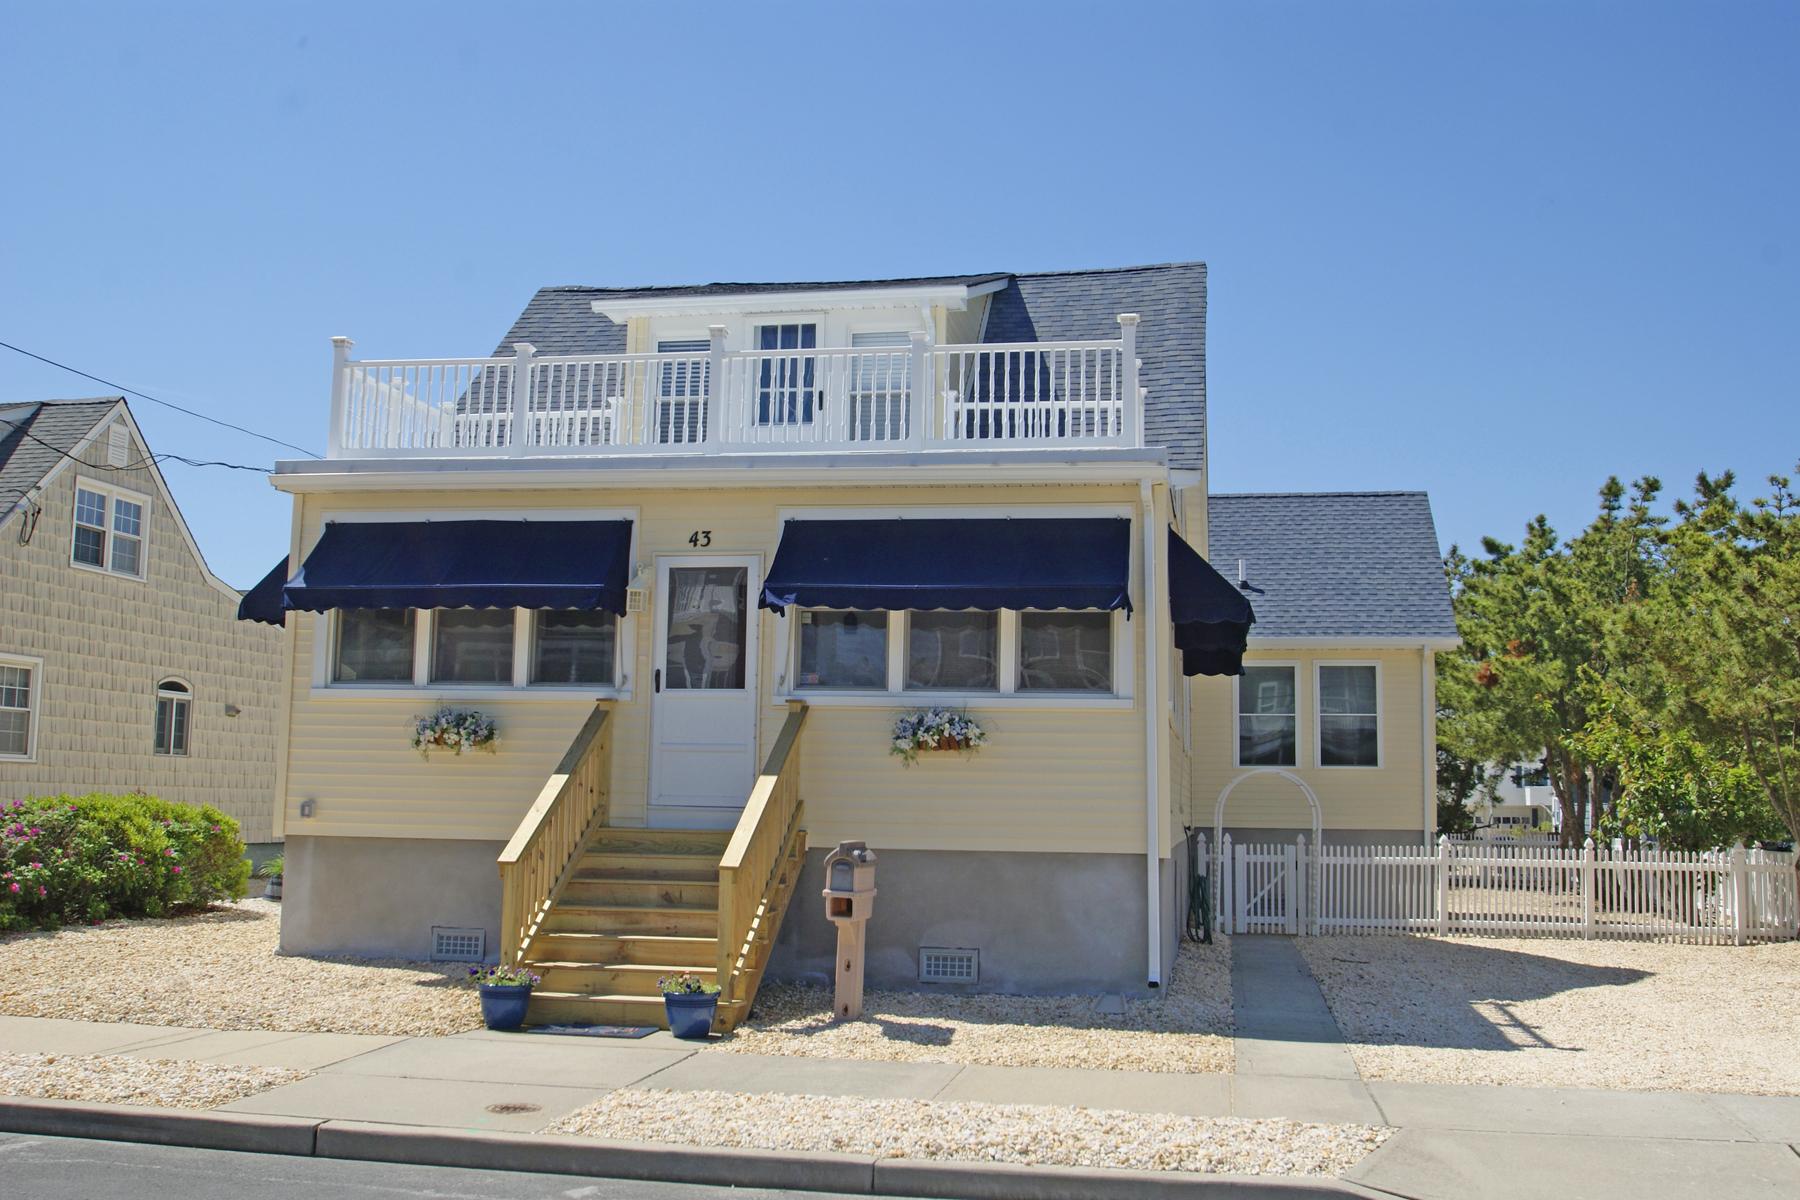 Частный односемейный дом для того Продажа на Beautifully Remodeled To Perfection 43 9th Avenue, Seaside Park, Нью-Джерси 08752 Соединенные Штаты